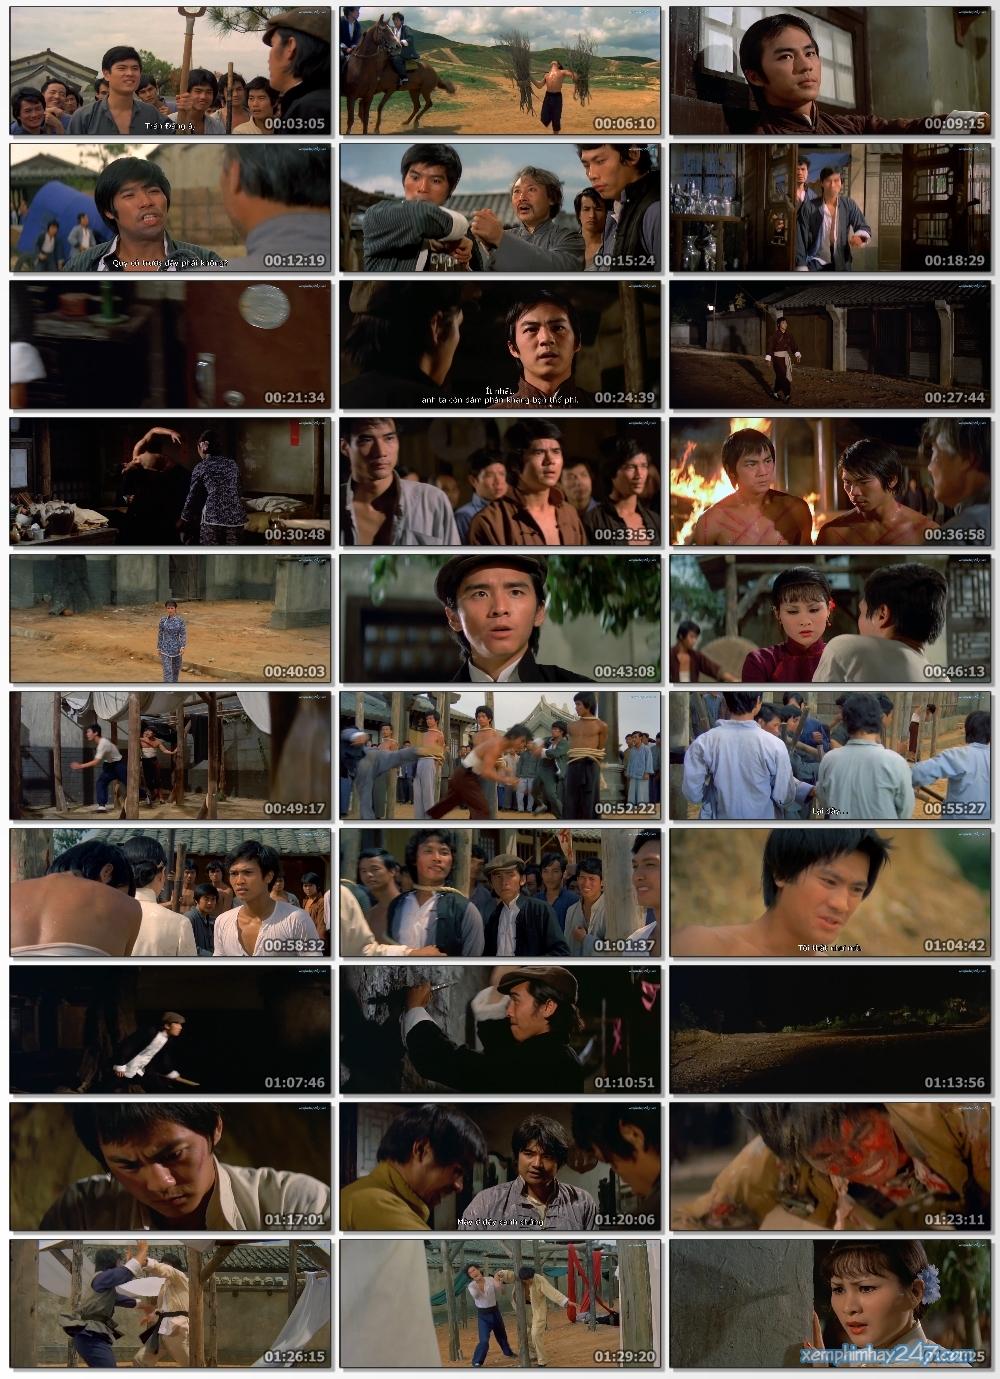 http://xemphimhay247.com - Xem phim hay 247 - Ngũ Hổ Tướng (1974) - The Savage Five (1974)